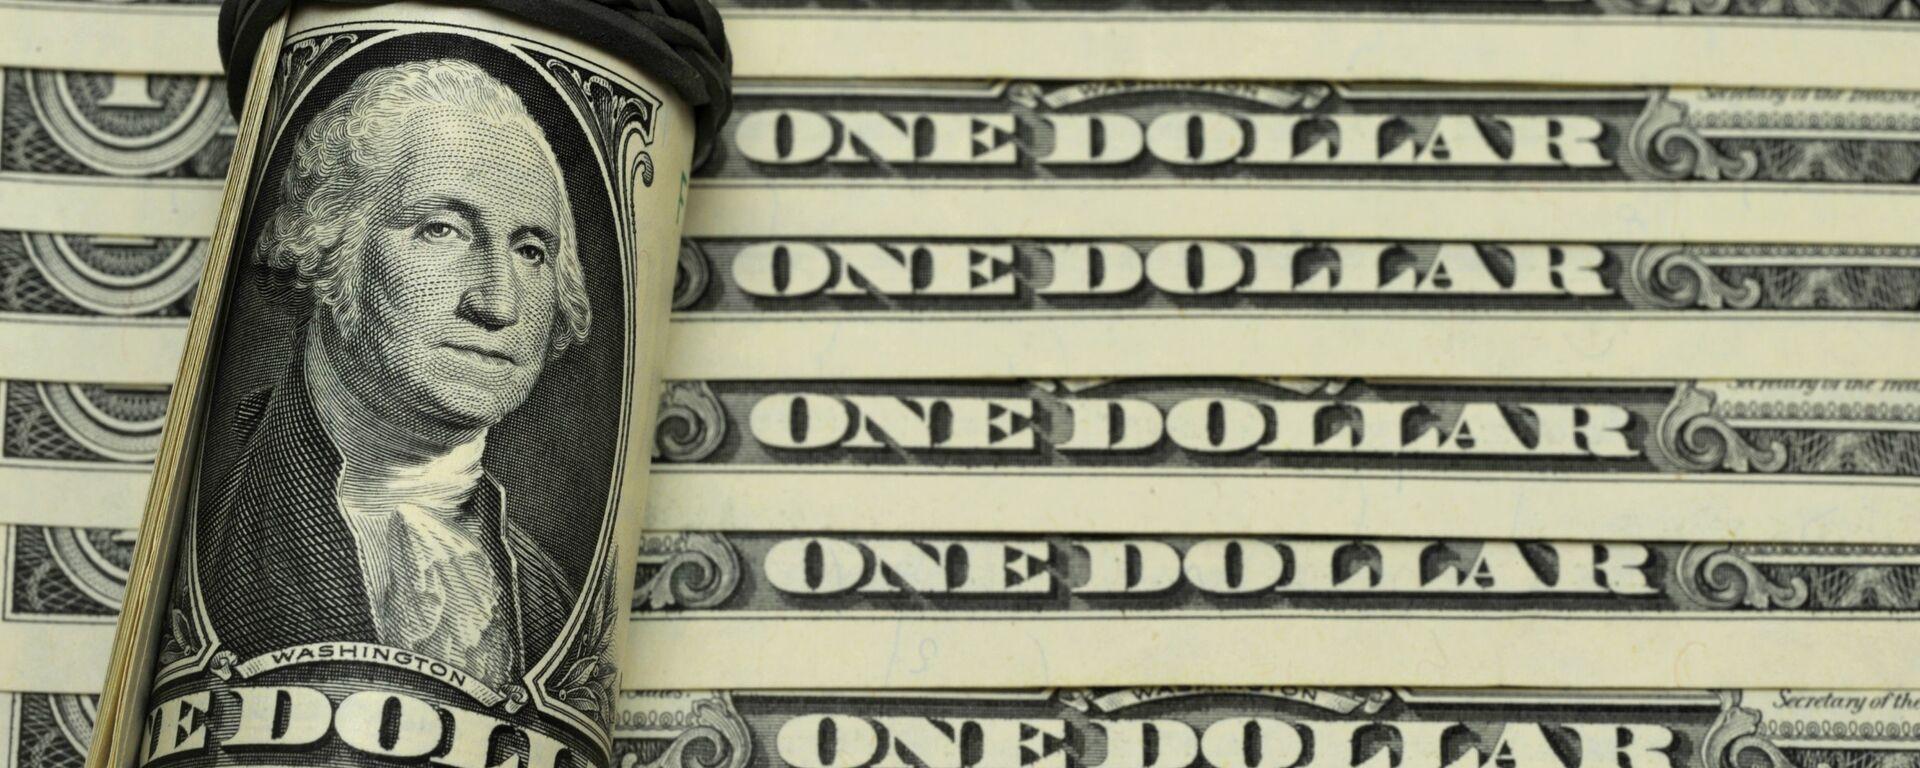 Банкноты номиналом 1 доллар США. - Sputnik Таджикистан, 1920, 23.09.2021